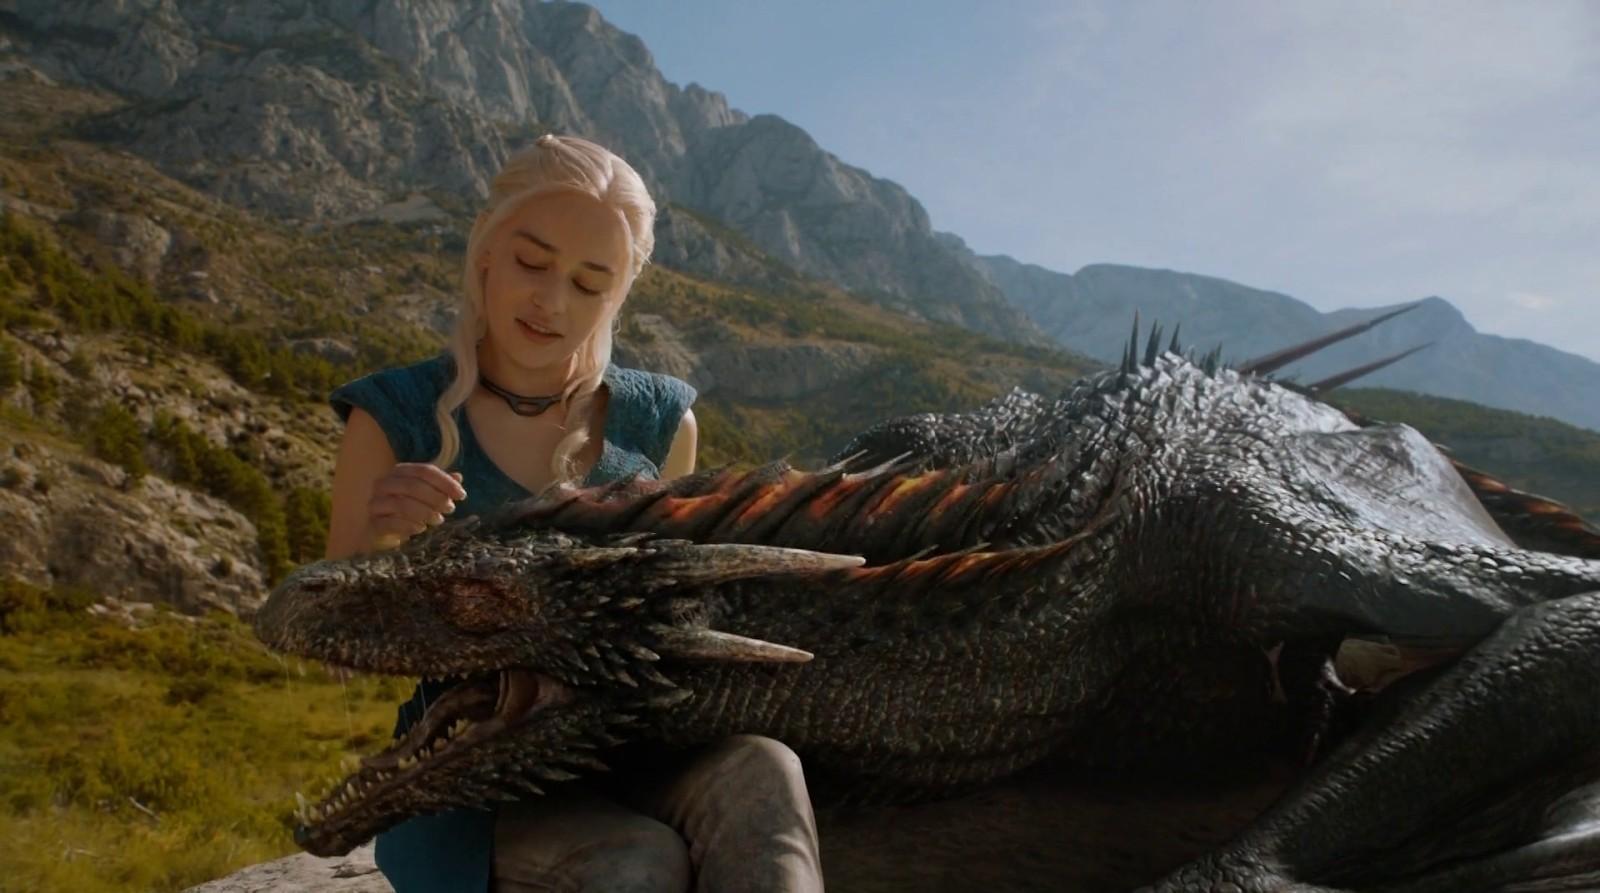 بازی تاج و تخت | Game of Thrones